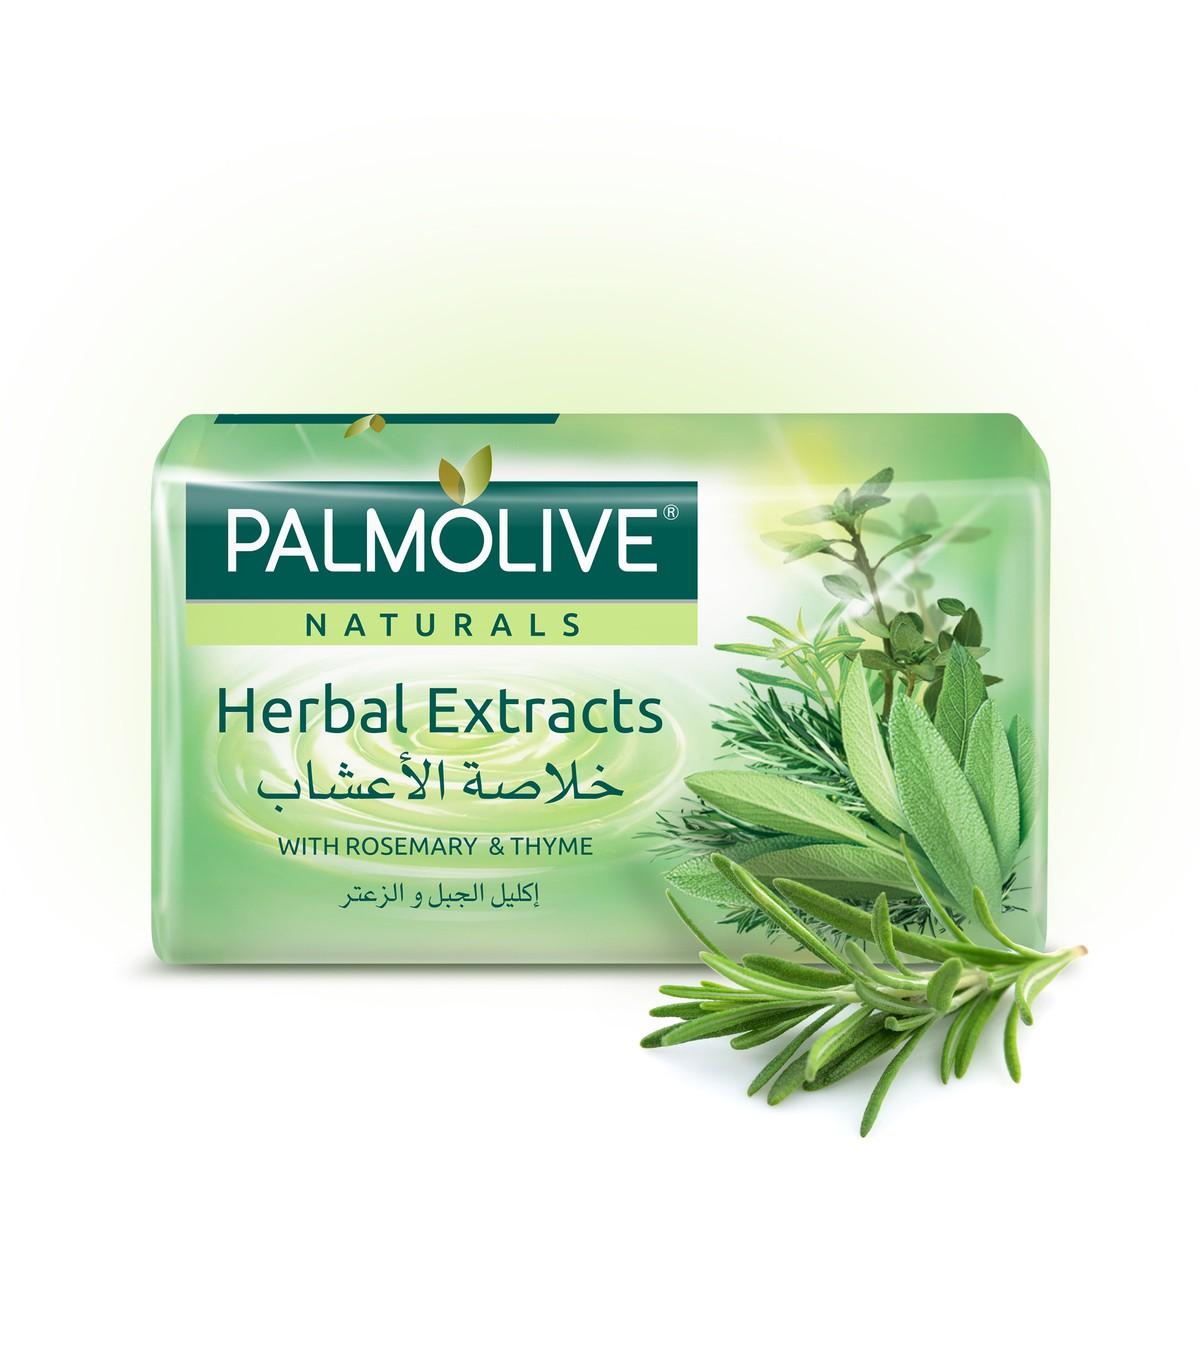 Palmolive صابون رزماری و آویشن 170 گرمی پالمولایو